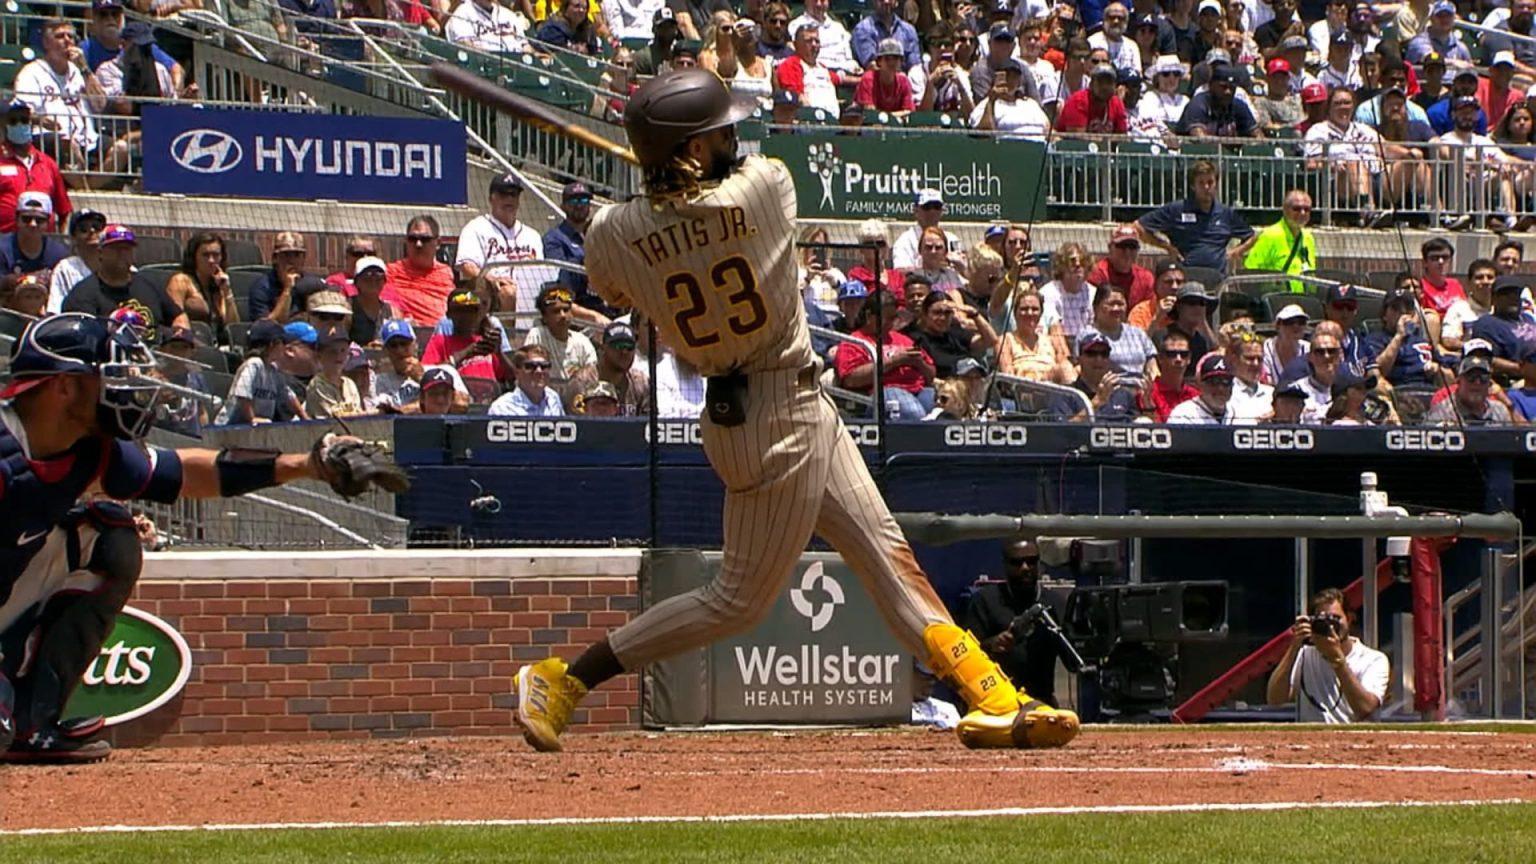 Jugador de beisbol con espectadores en las gradas  Descripción generada automáticamente